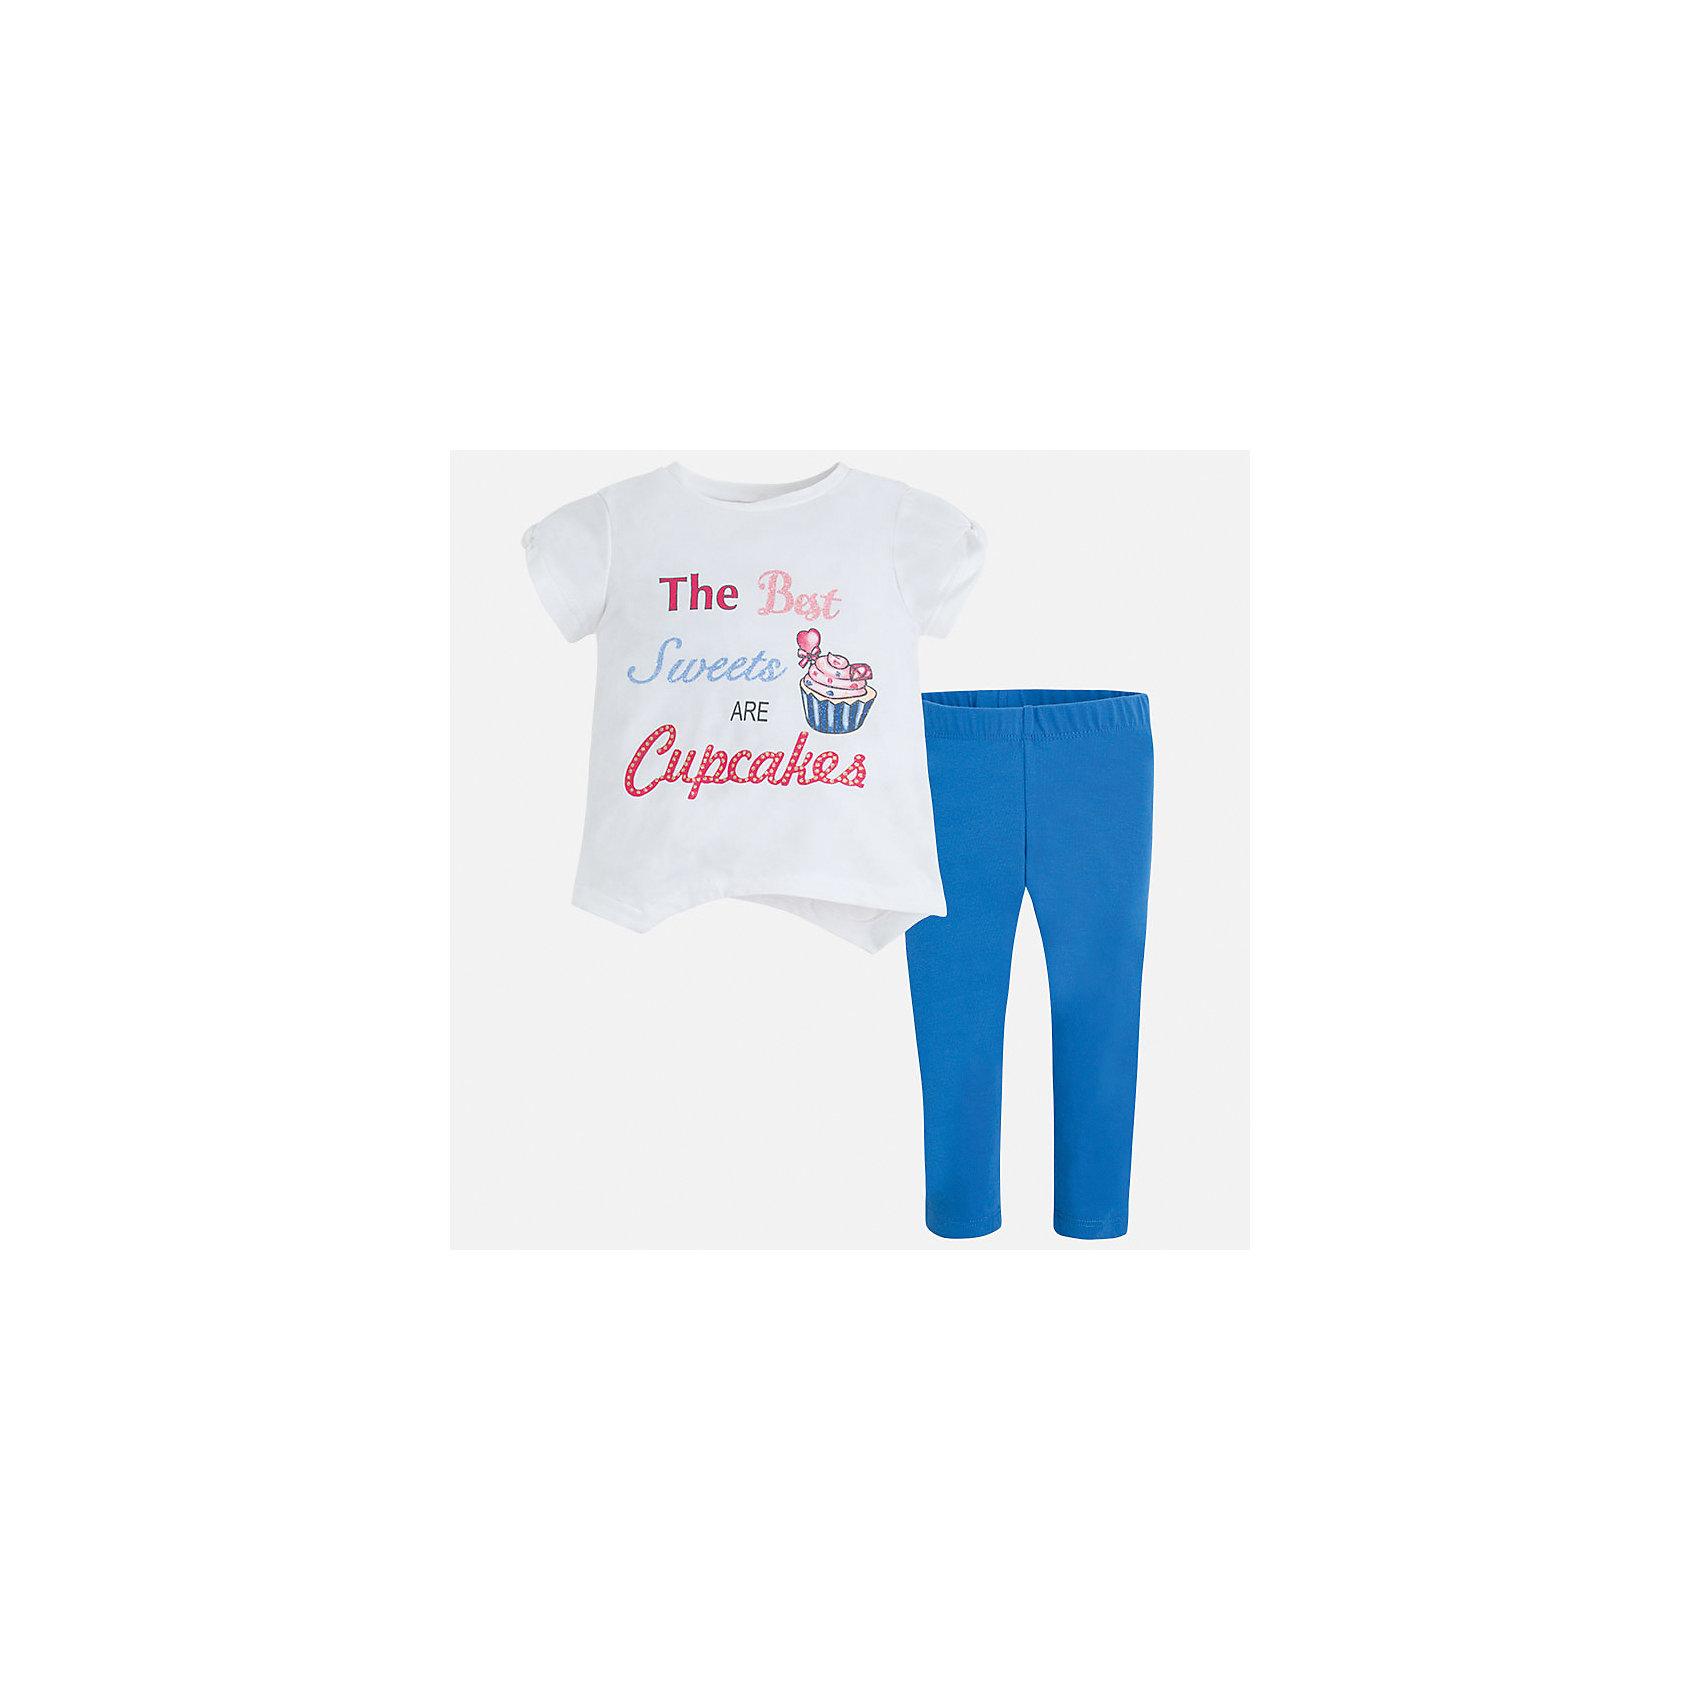 Комплект: футбола с длинным рукавом и леггинсы для девочки MayoralХарактеристики товара:<br><br>• цвет: белый/голубой<br>• состав: 57% хлопок, 38% полиэстер, 5% эластан<br>• комплектация: футболка, леггинсы<br>• футболка декорирована принтом<br>• леггинсы однотонные<br>• пояс на резинке<br>• страна бренда: Испания<br><br>Стильный качественный комплект для девочки поможет разнообразить гардероб ребенка и удобно одеться в теплую погоду. Он отлично сочетается с другими предметами. Универсальный цвет позволяет подобрать к вещам верхнюю одежду практически любой расцветки. Интересная отделка модели делает её нарядной и оригинальной. В составе материала - натуральный хлопок, гипоаллергенный, приятный на ощупь, дышащий.<br><br>Одежда, обувь и аксессуары от испанского бренда Mayoral полюбились детям и взрослым по всему миру. Модели этой марки - стильные и удобные. Для их производства используются только безопасные, качественные материалы и фурнитура. Порадуйте ребенка модными и красивыми вещами от Mayoral! <br><br>Комплект для девочки от испанского бренда Mayoral (Майорал) можно купить в нашем интернет-магазине.<br><br>Ширина мм: 123<br>Глубина мм: 10<br>Высота мм: 149<br>Вес г: 209<br>Цвет: синий<br>Возраст от месяцев: 96<br>Возраст до месяцев: 108<br>Пол: Женский<br>Возраст: Детский<br>Размер: 134,92,98,104,110,116,122,128<br>SKU: 5290834